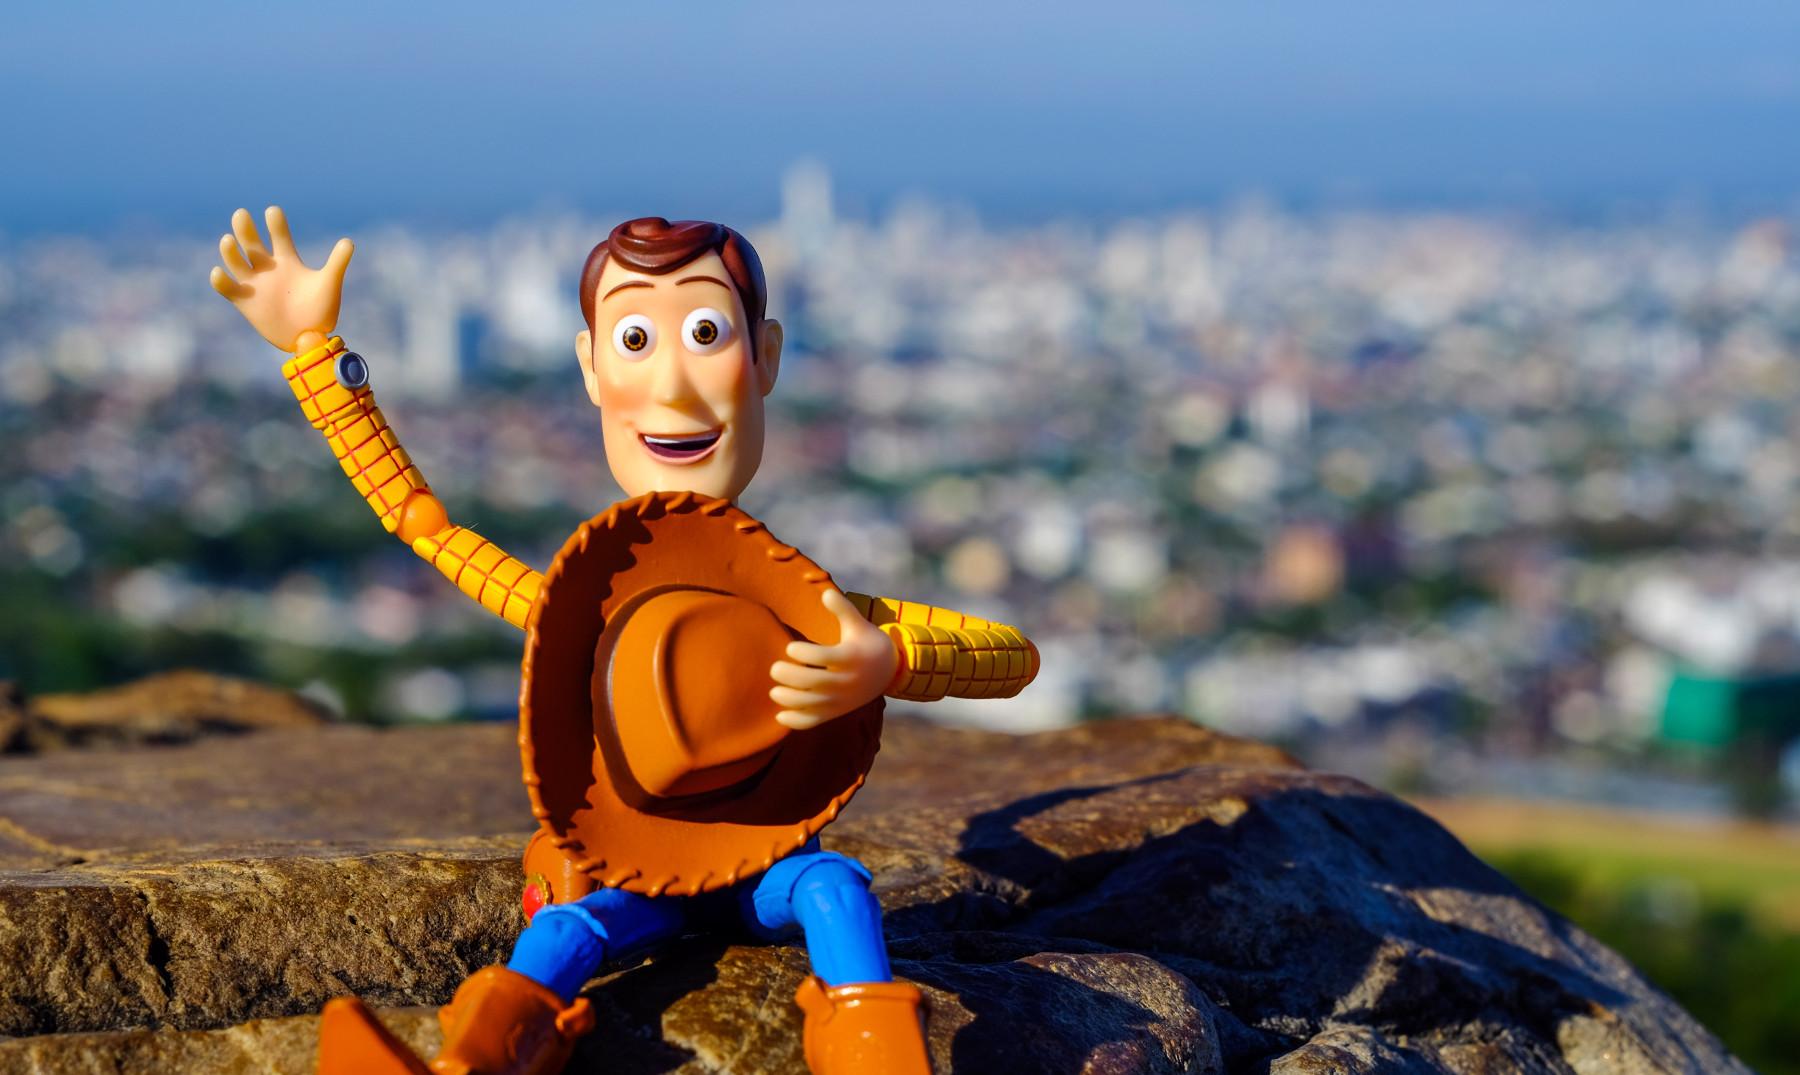 30 Frases De Toy Story La Franquicia Más Famosa De Pixar